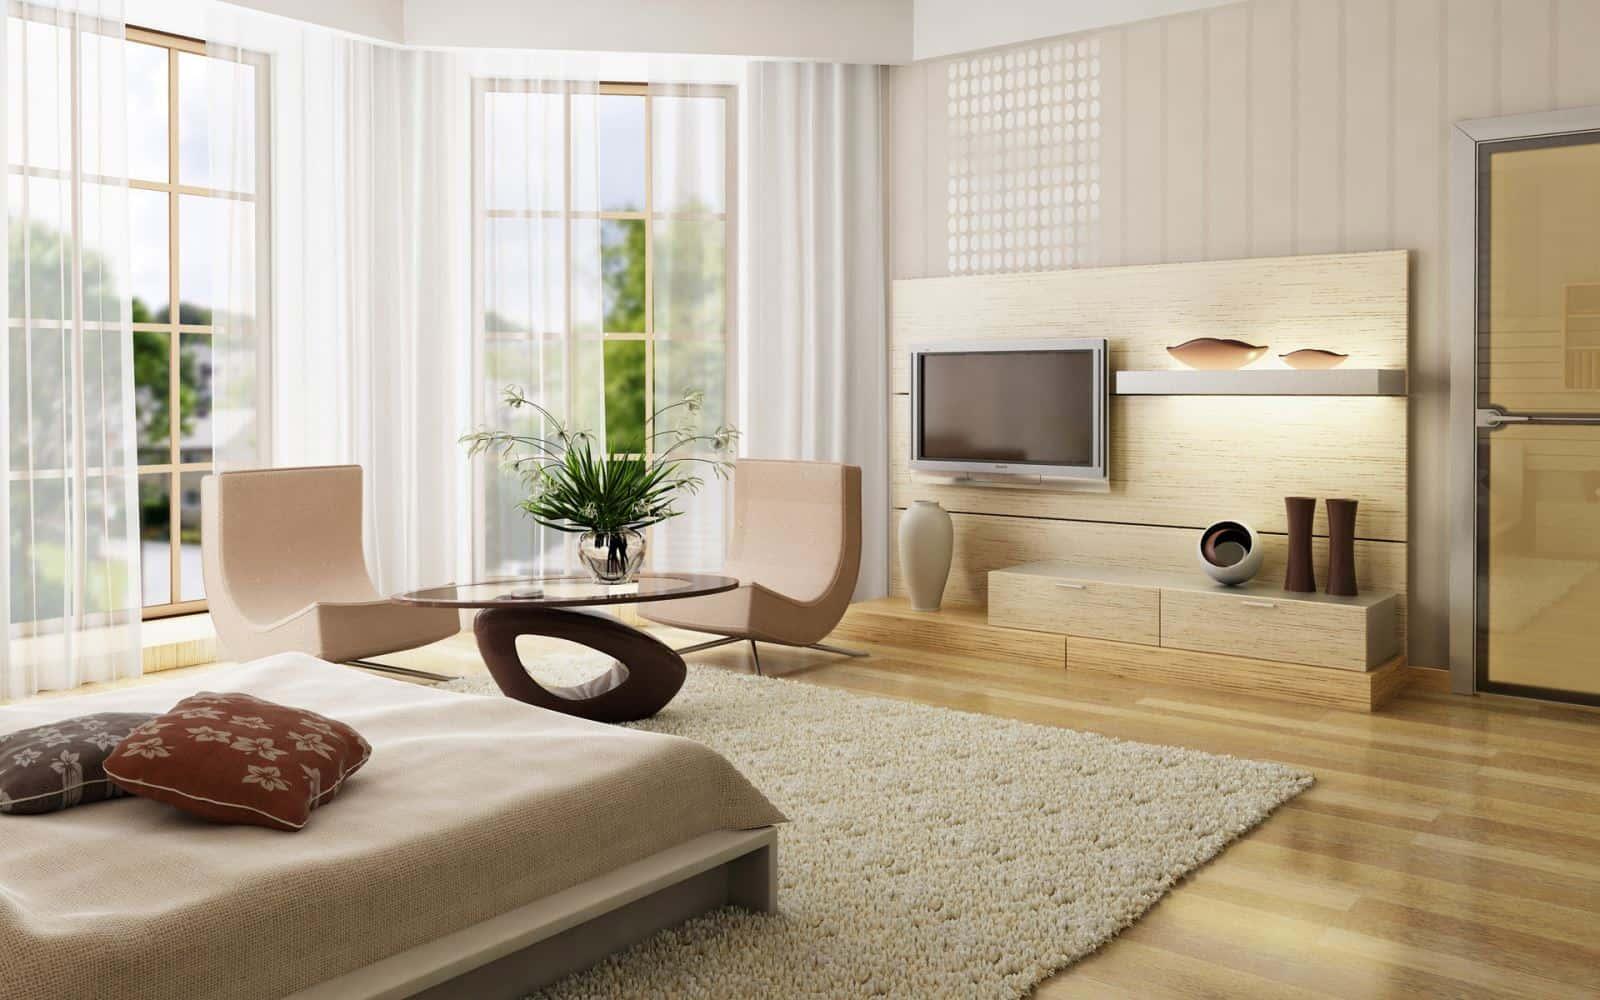 thiet ke noi that phong ngu nha ong 05 - Thiết kế nội thất chung cư 2 phòng ngủ